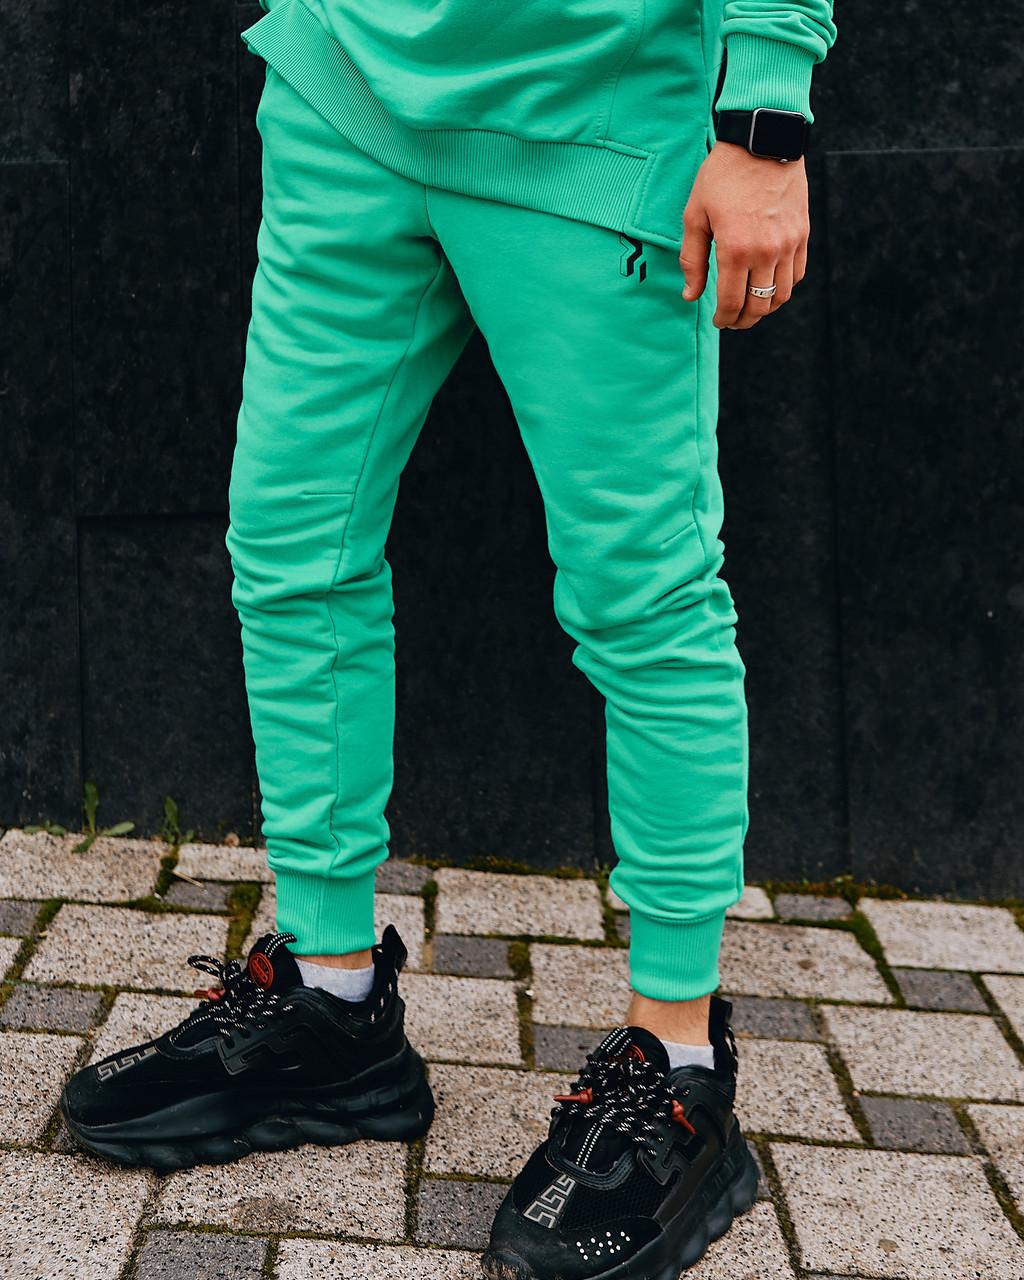 Спортивные штаны Пушка Огонь Jog Минт (только размер S)